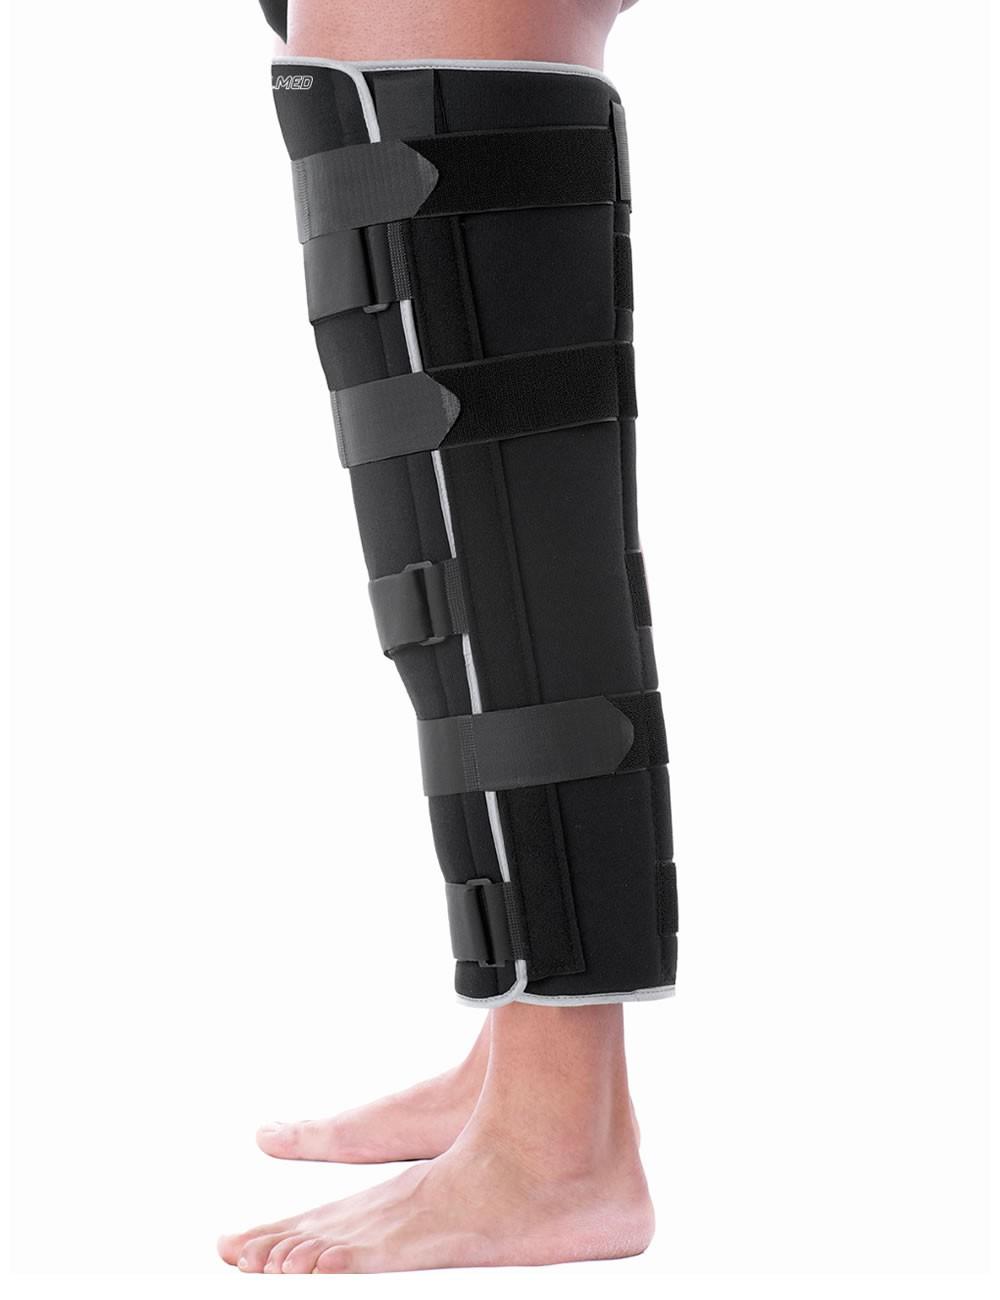 GK510 - Immobilizing knee brace